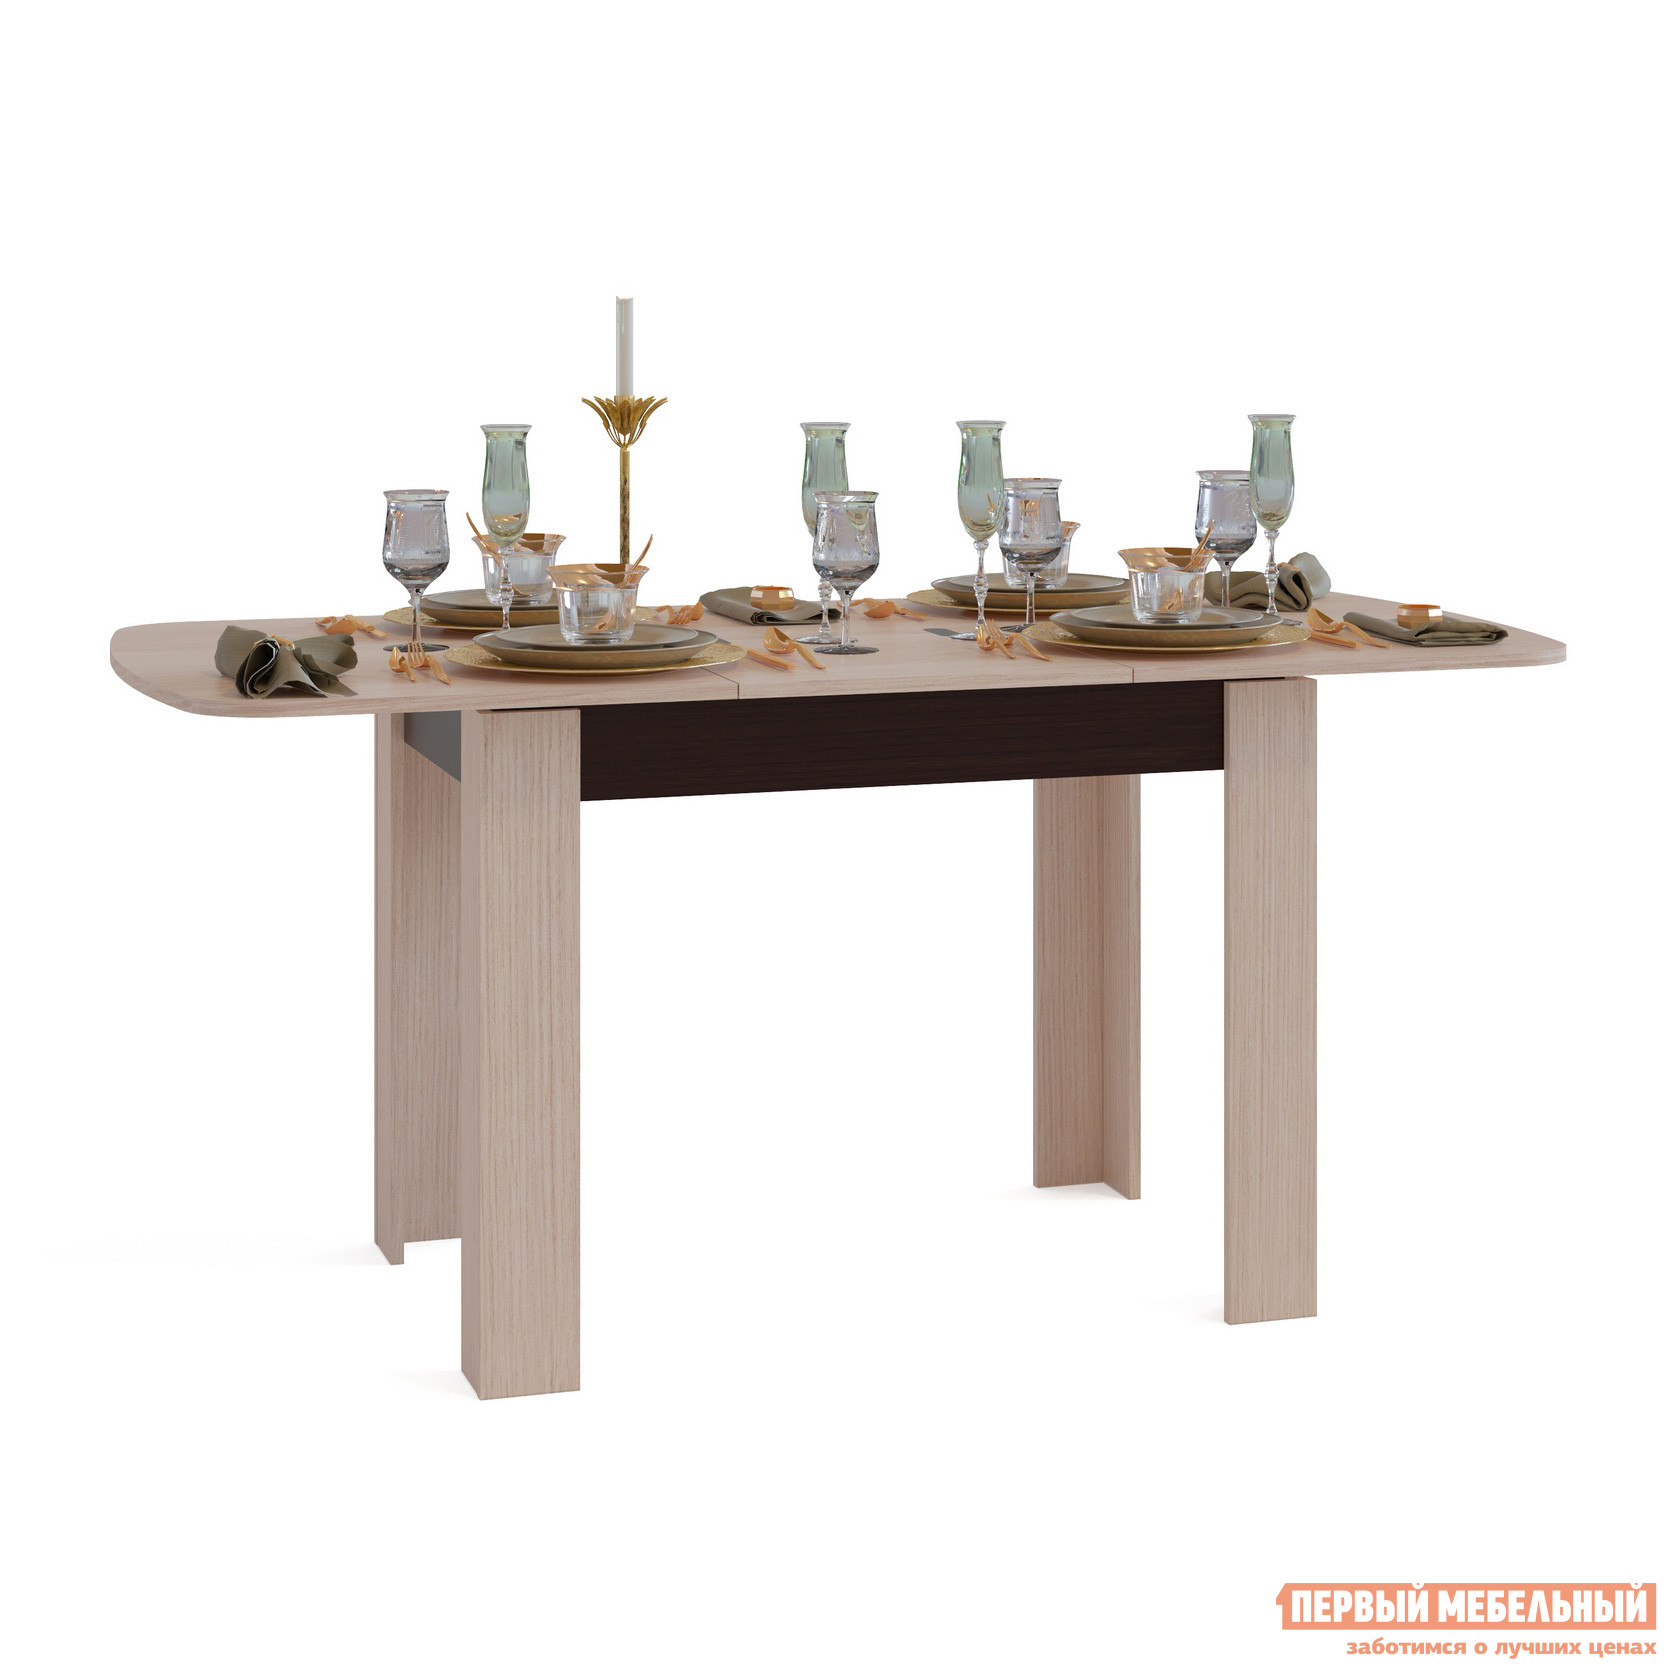 Кухонный стол Сокол СО-3 Подстолье Венге / Столешница, ножки Беленый дуб